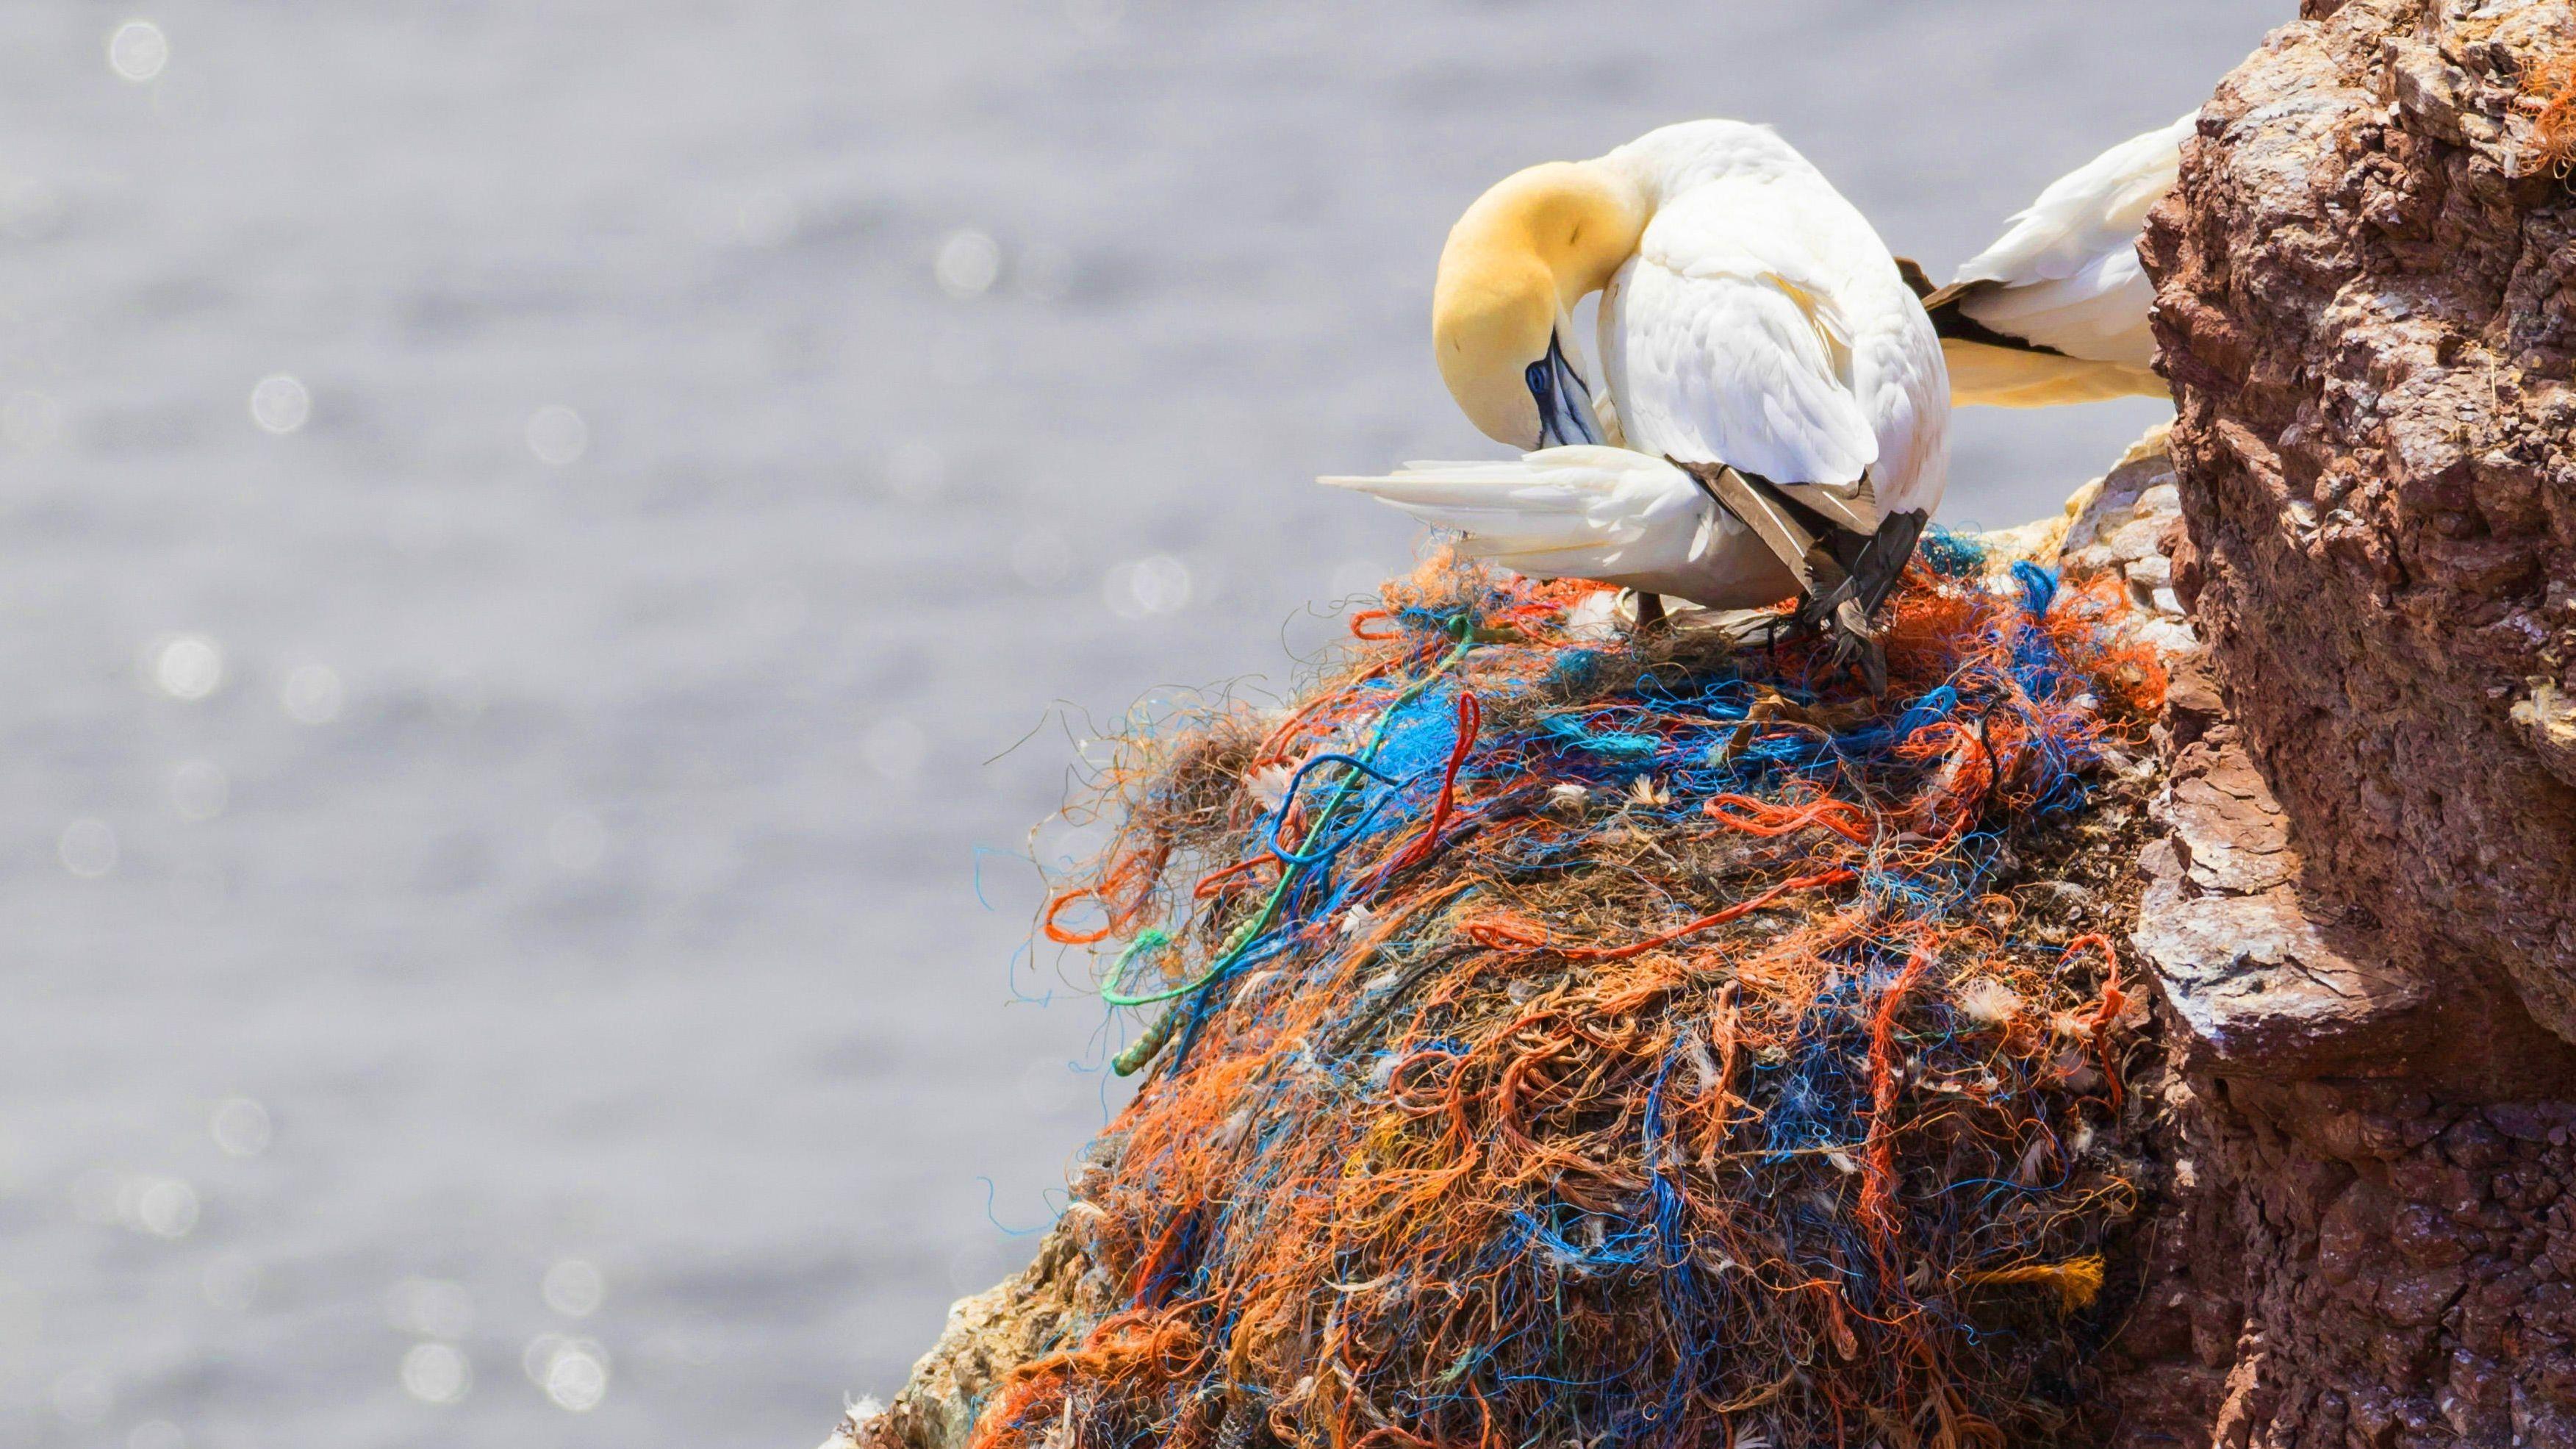 Basstölpel in einem Nest voller Plastikmüll